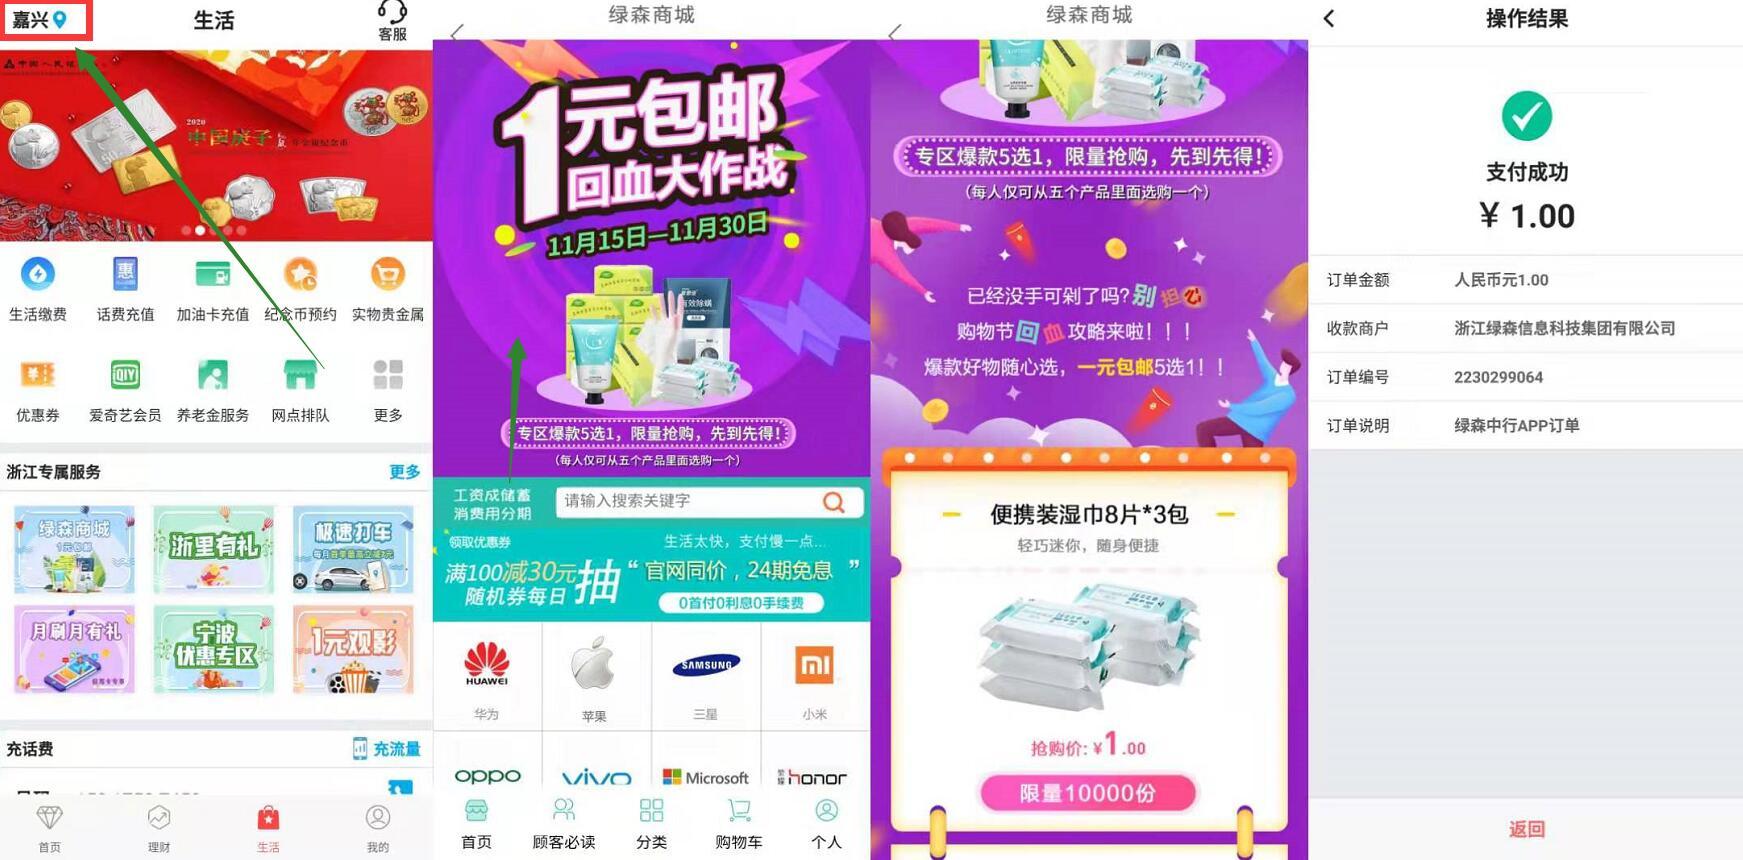 中国银行绿森商城1元包邮购买纸巾洗衣液等实物 免费实物 活动线报  第2张